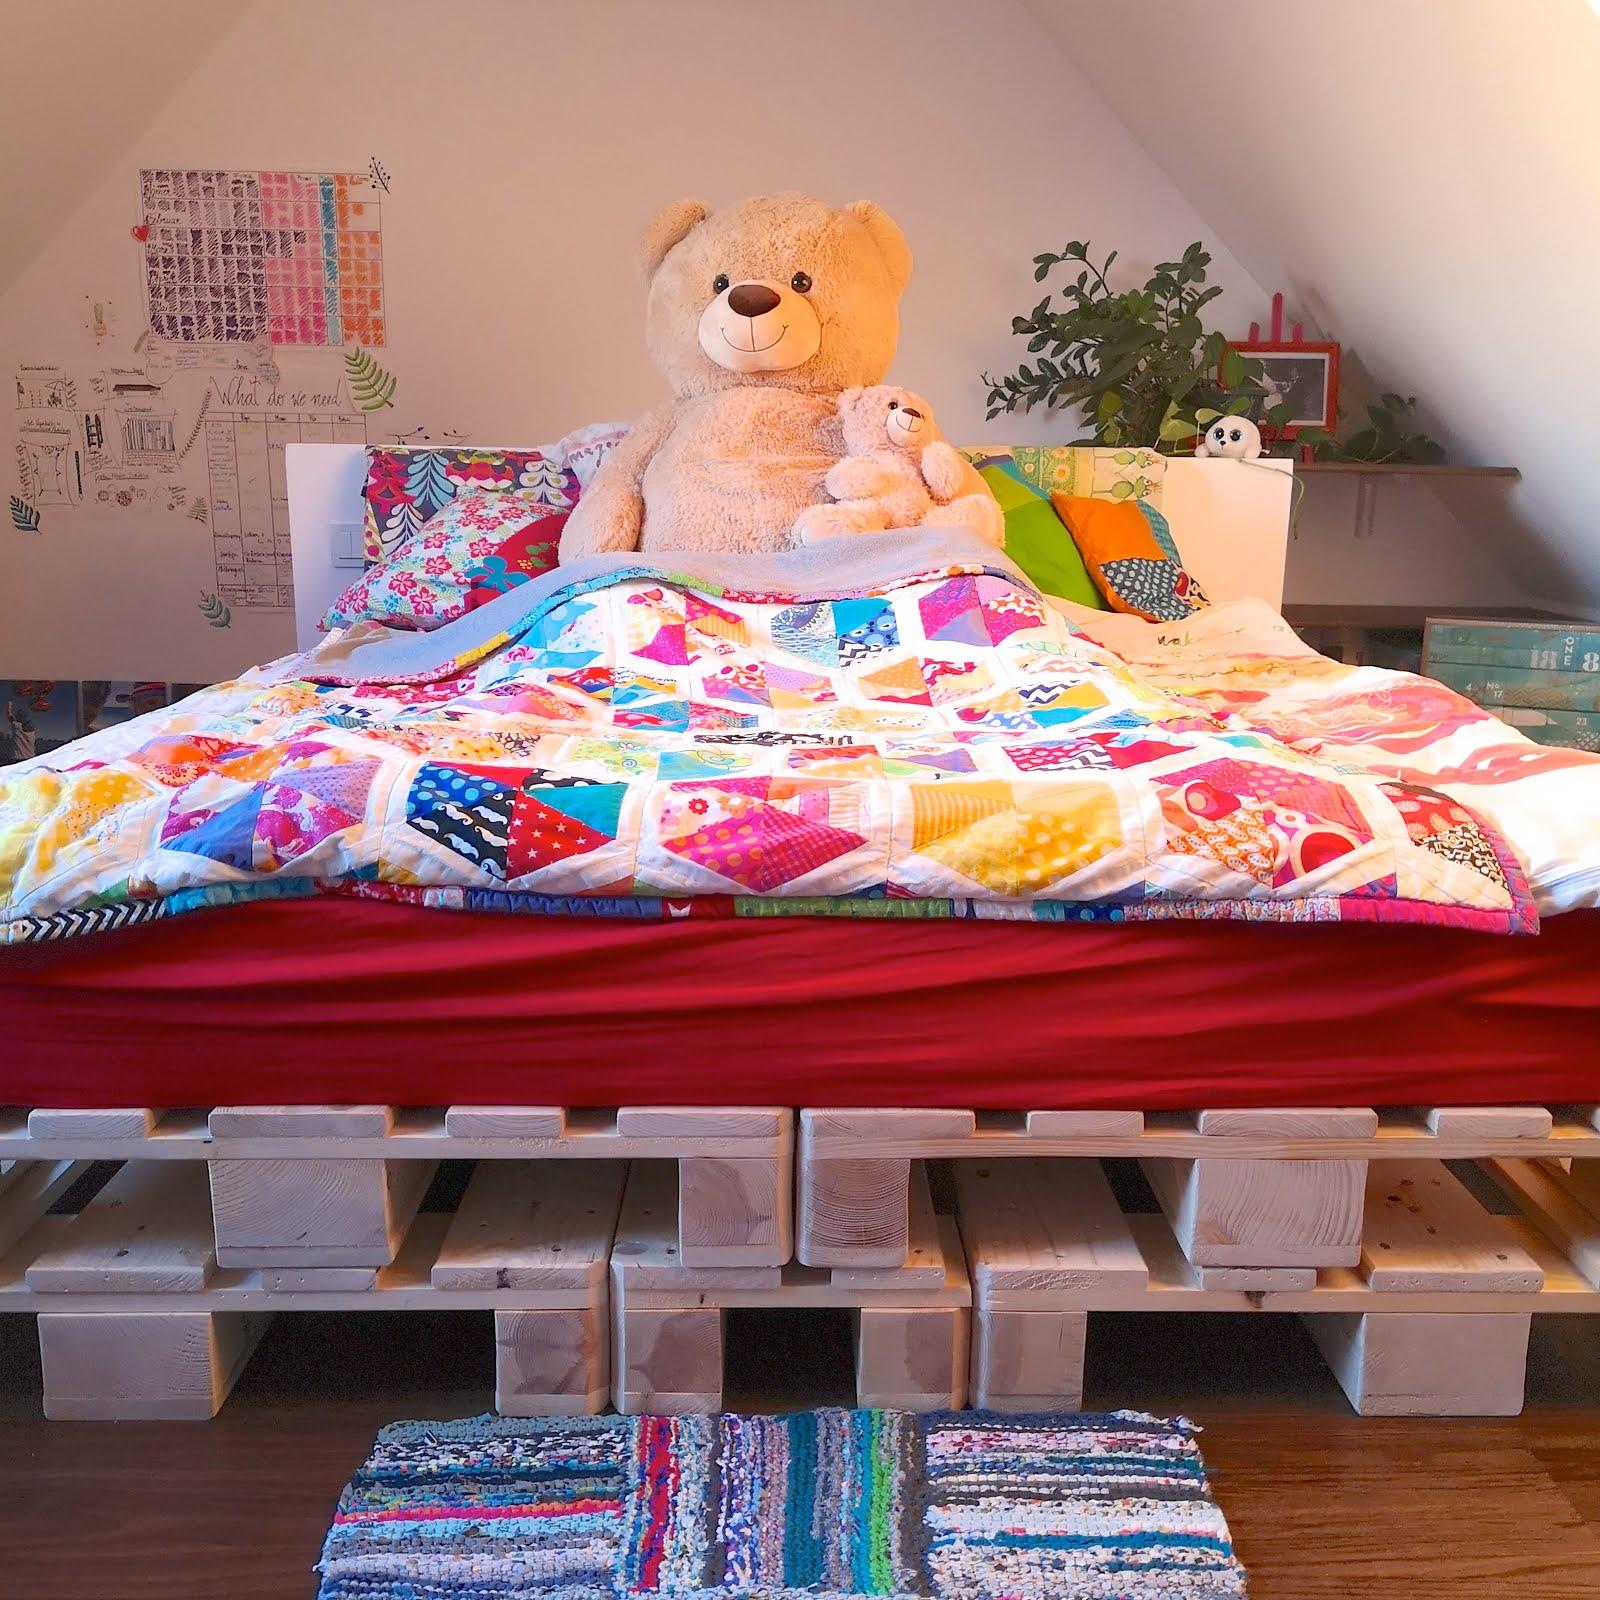 Full Size of Palettenbett Ikea 140x200 Malala Betten Wir Uns Auf Paletten Küche Kaufen Sofa Mit Schlaffunktion Kosten 160x200 Bei Miniküche Modulküche Wohnzimmer Palettenbett Ikea